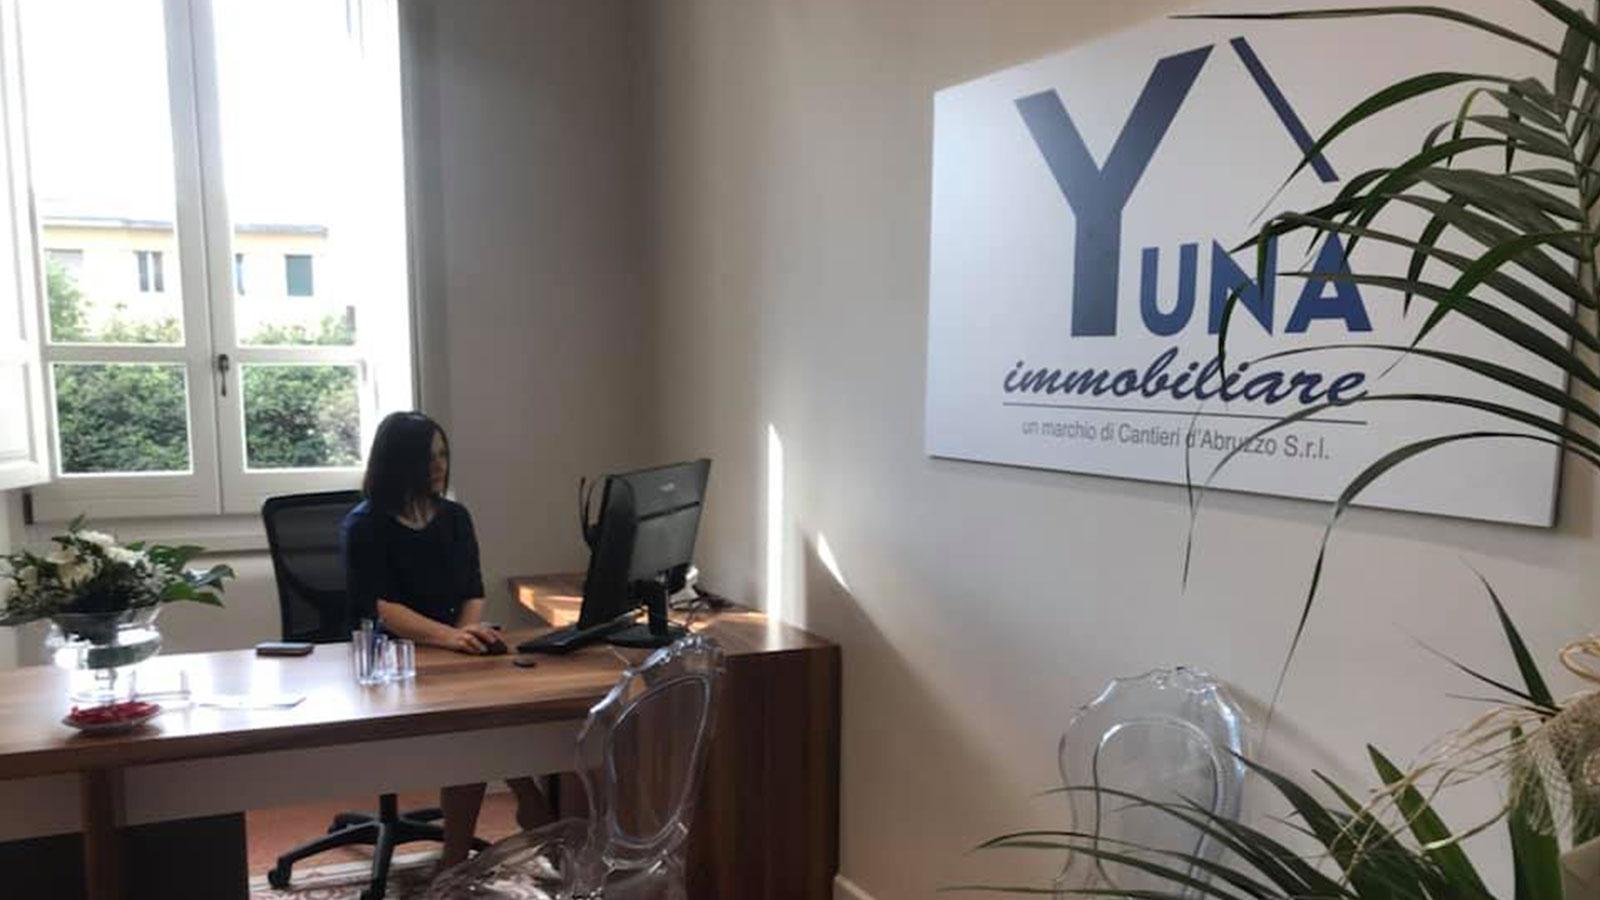 agenzia immobiliare yuna